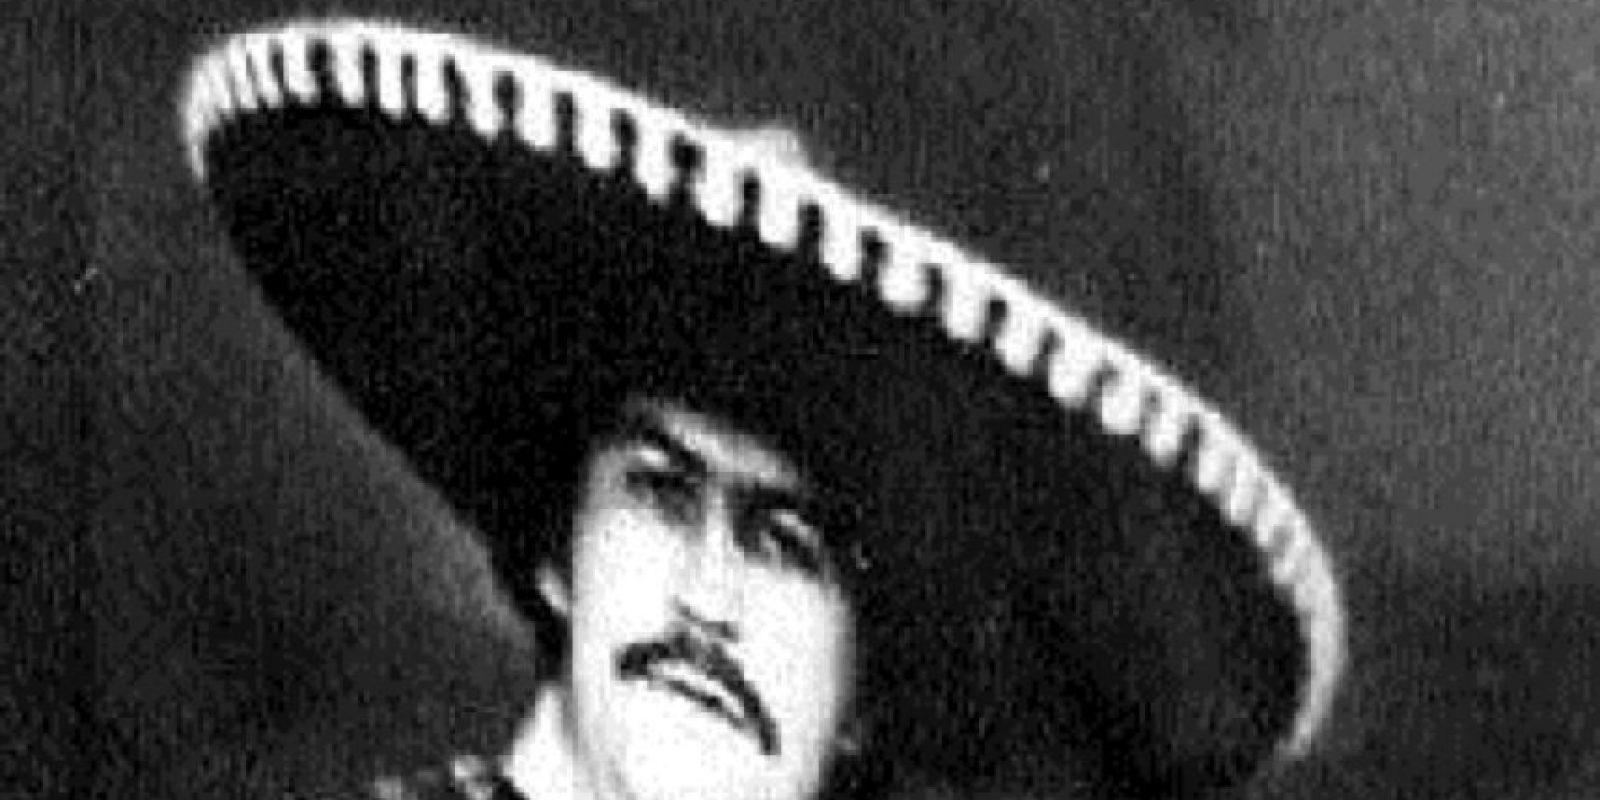 """No le ha ido tan bien interpretando al capo, sobre todo por el fantasma de """"Escobar, el Patrón del Mal"""". Foto:vía Getty Images"""